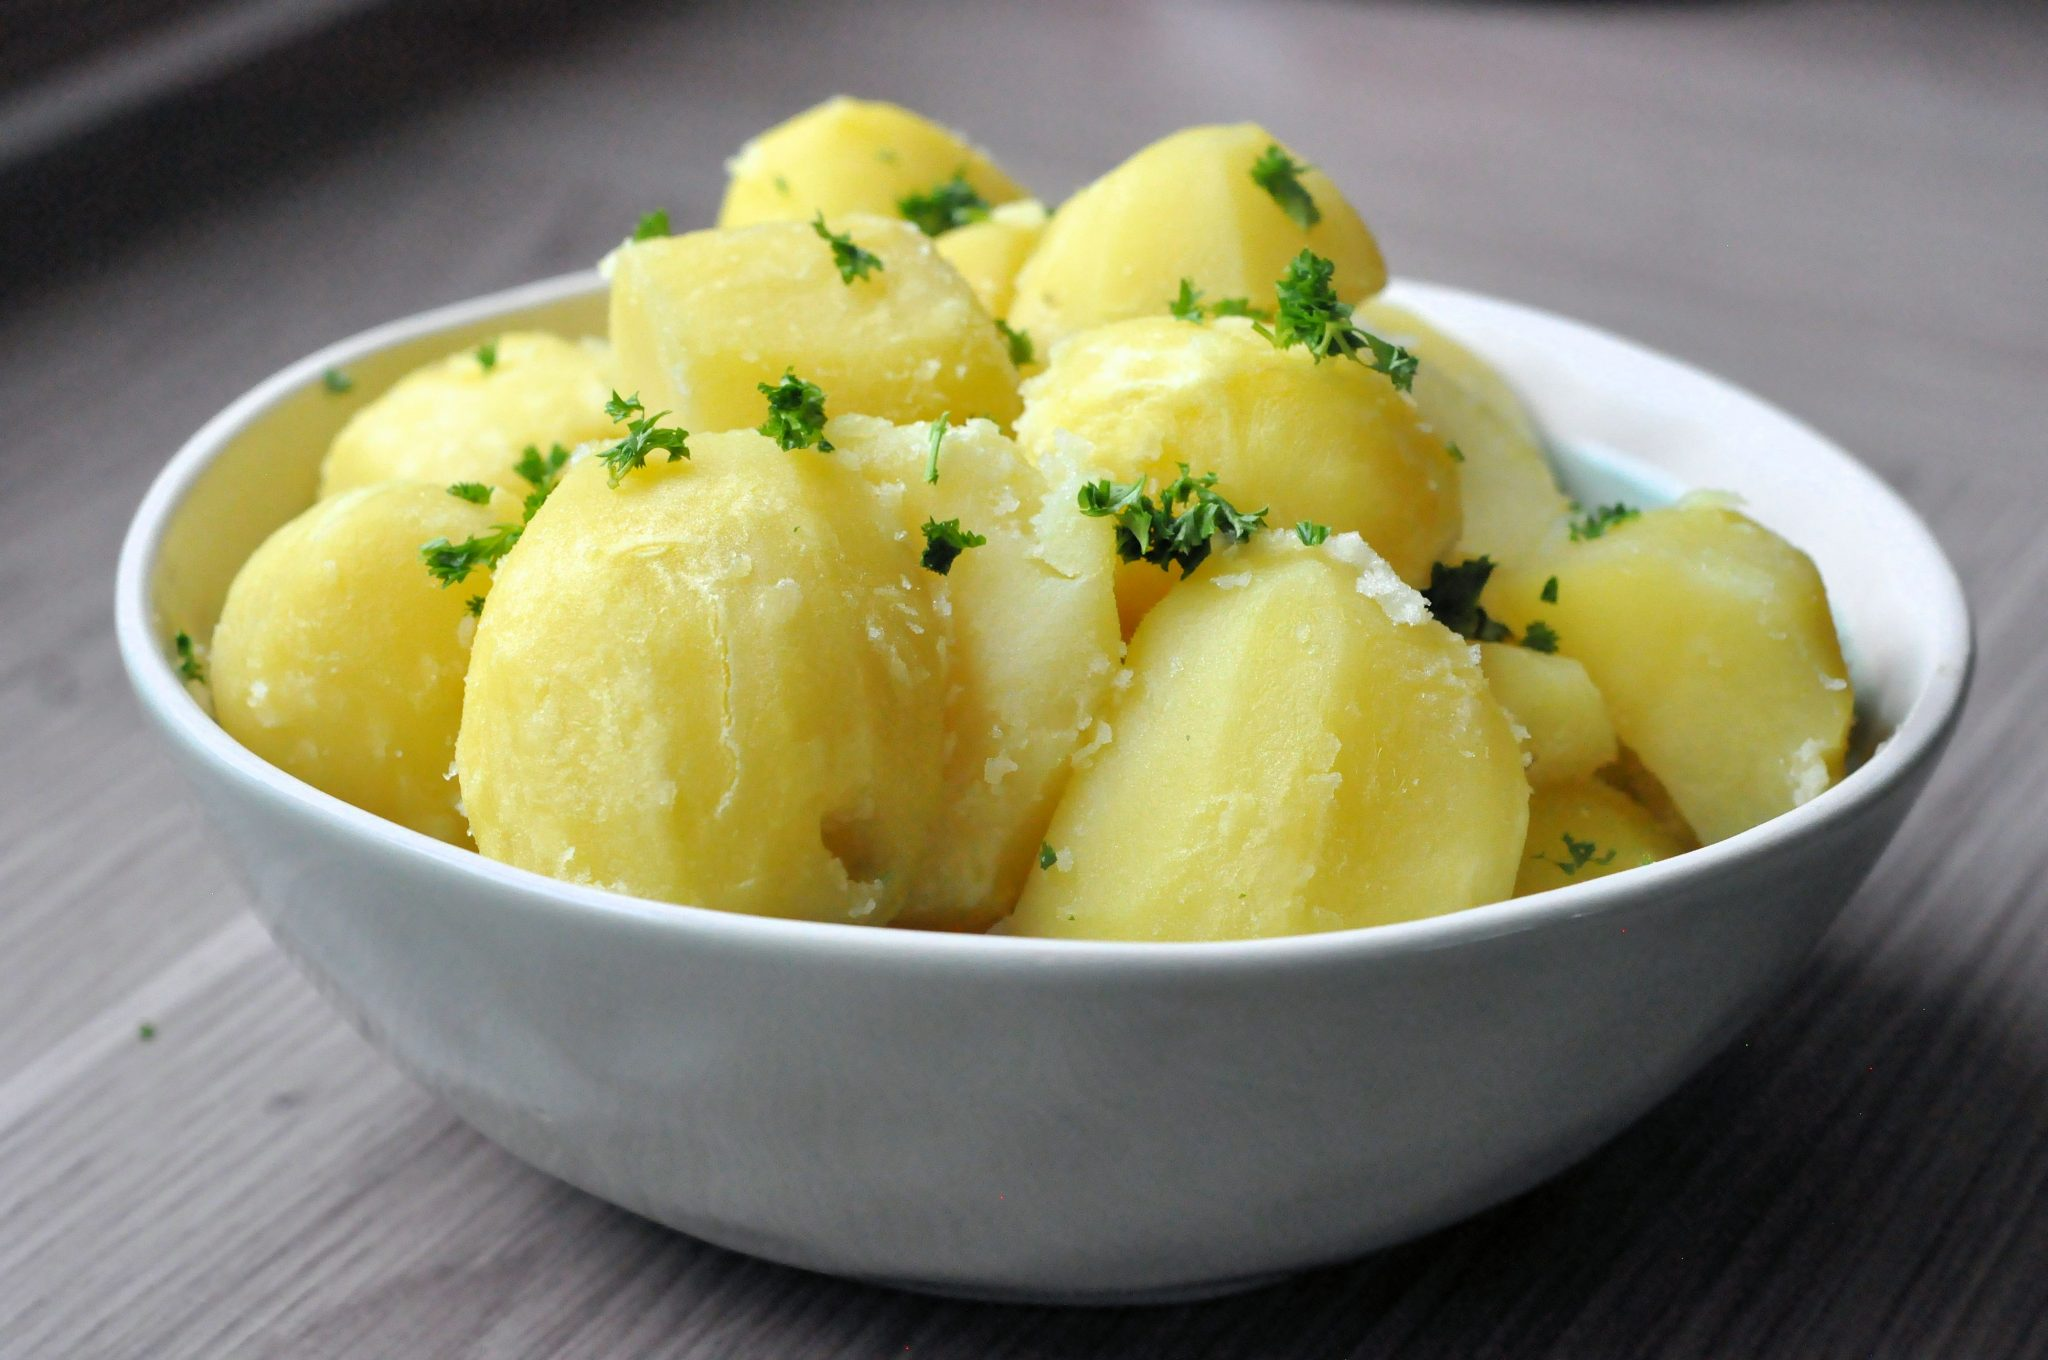 Aardappels koken header schaal